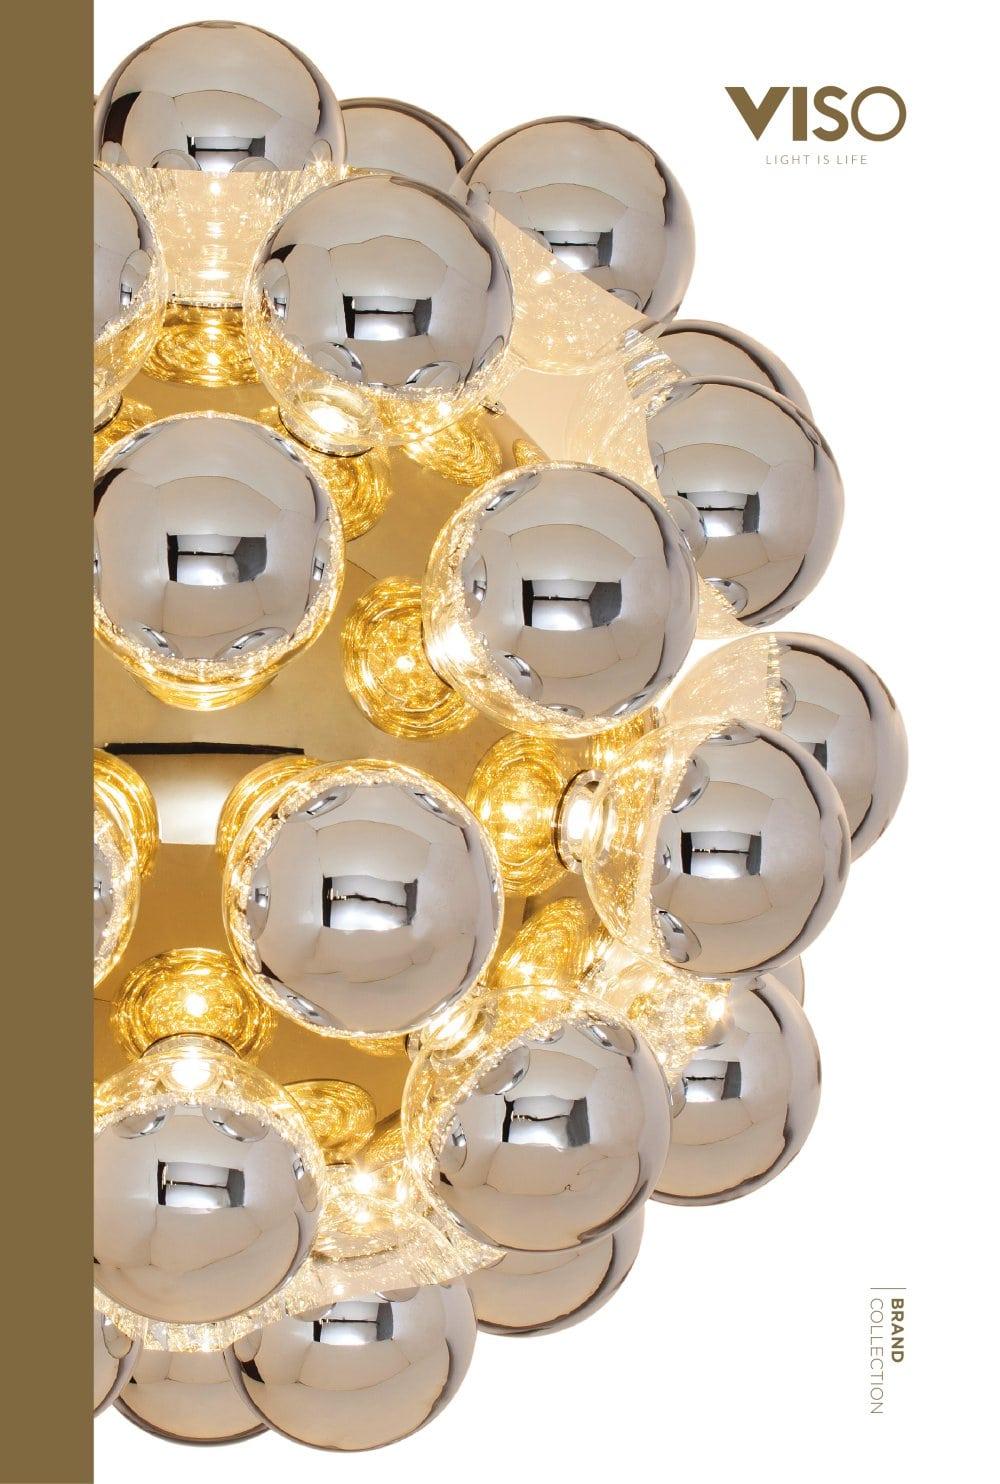 viso lighting. Viso - 1 / 132 Pages Viso Lighting